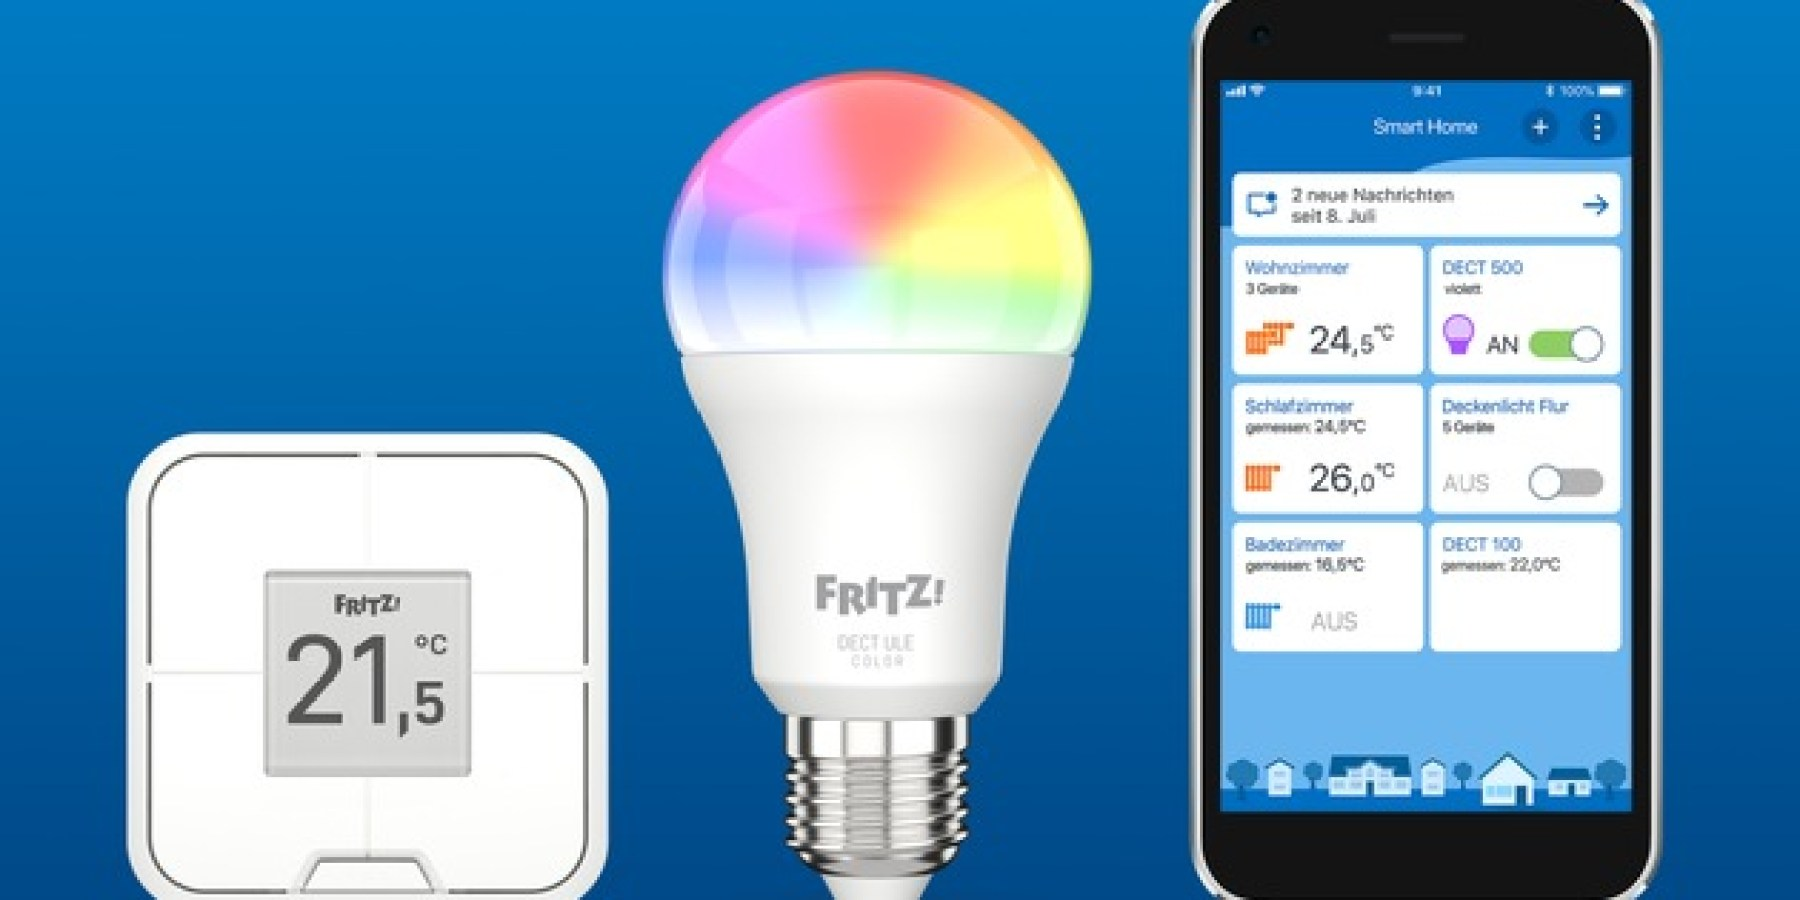 AVM mit vielen Neuheiten bei 5G, WiFi 6 und Smart Home